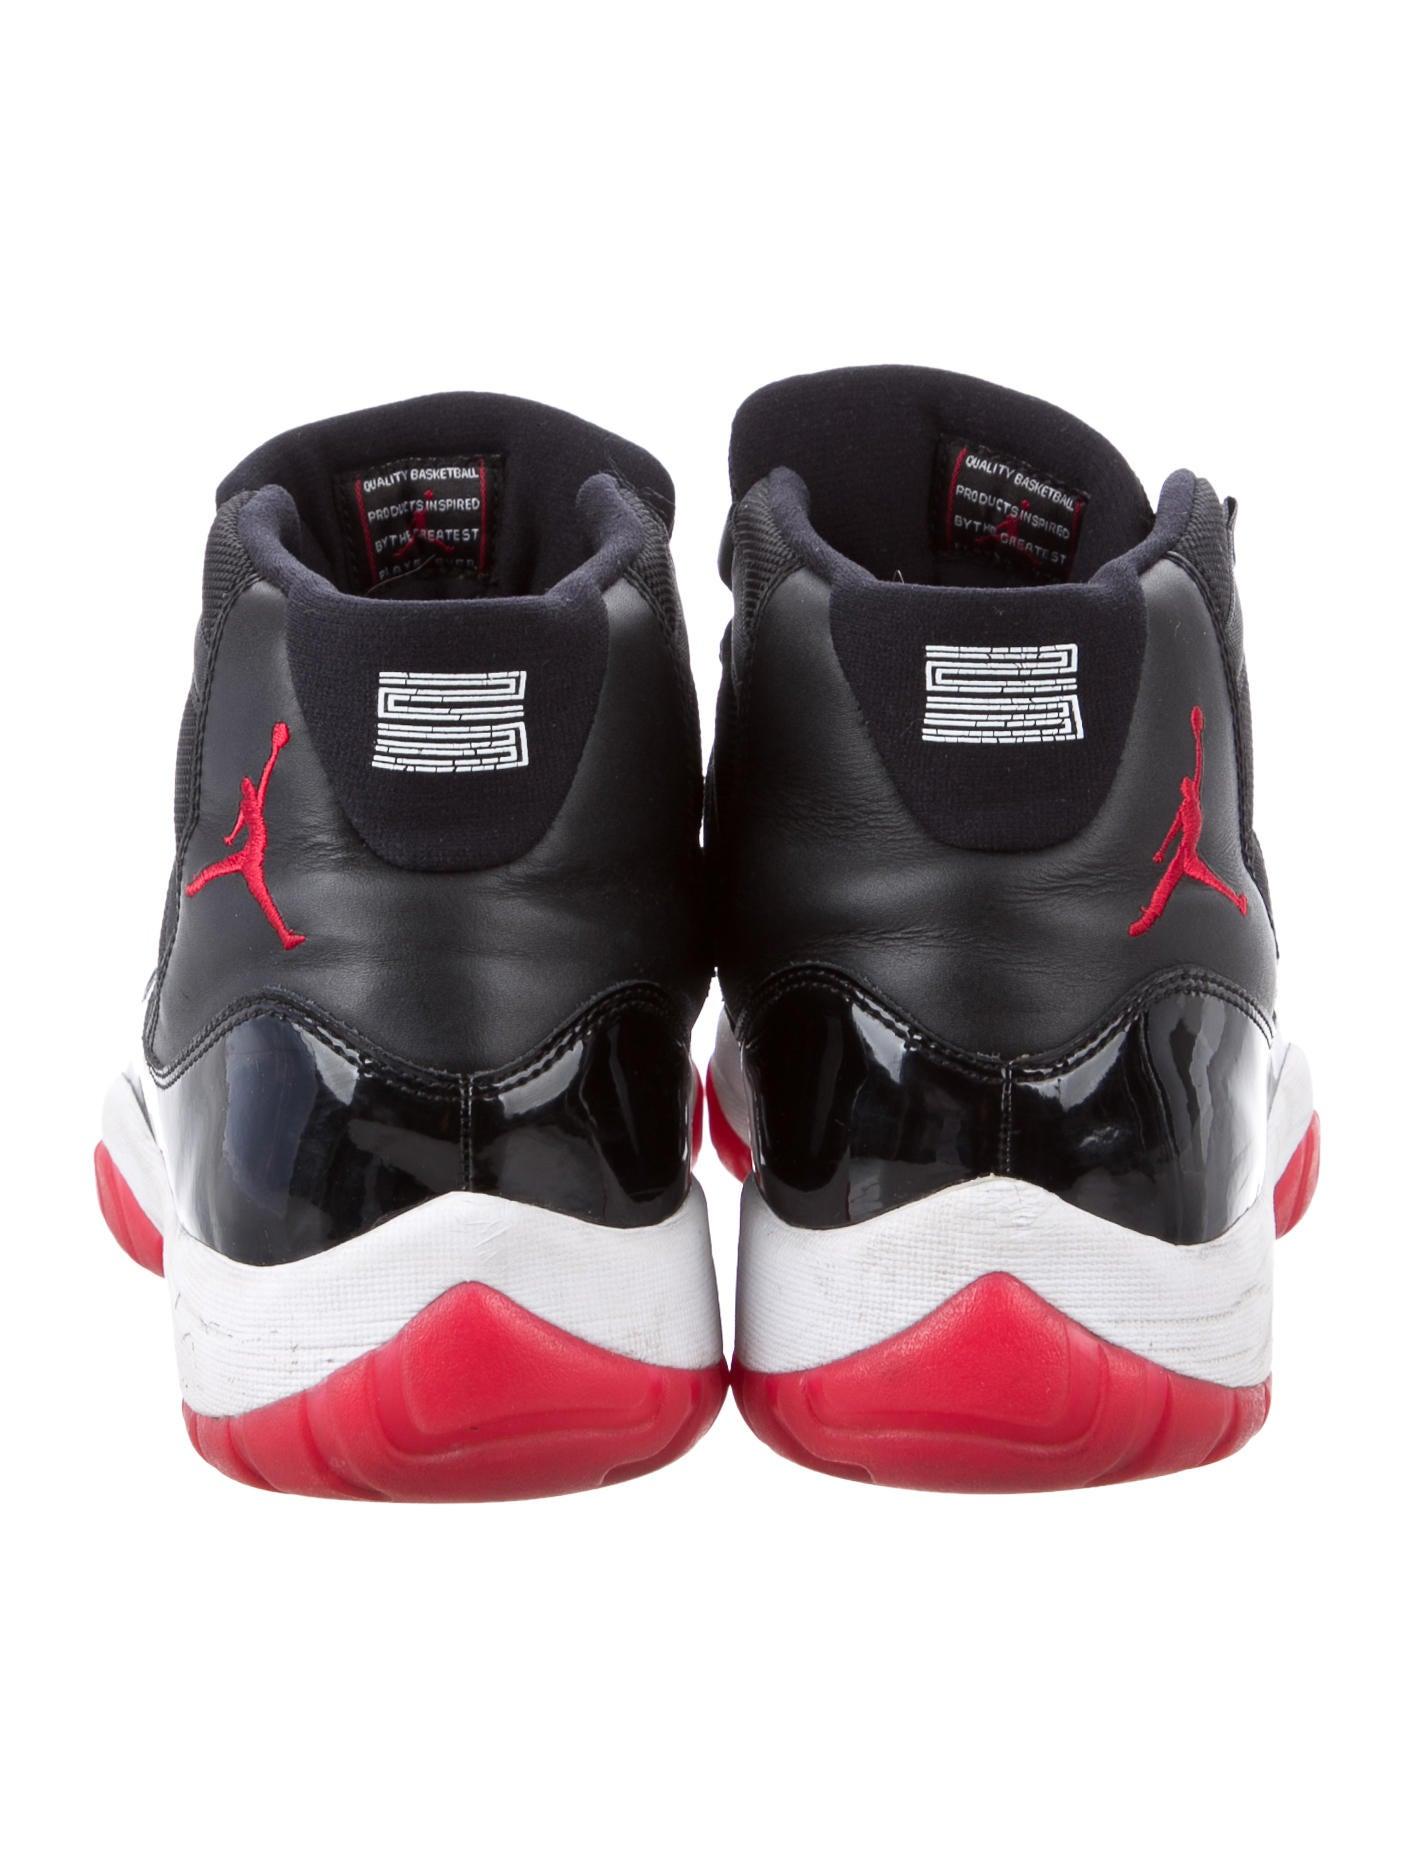 Nike Air Jordan 11 Retro High Top Sneakers Shoes